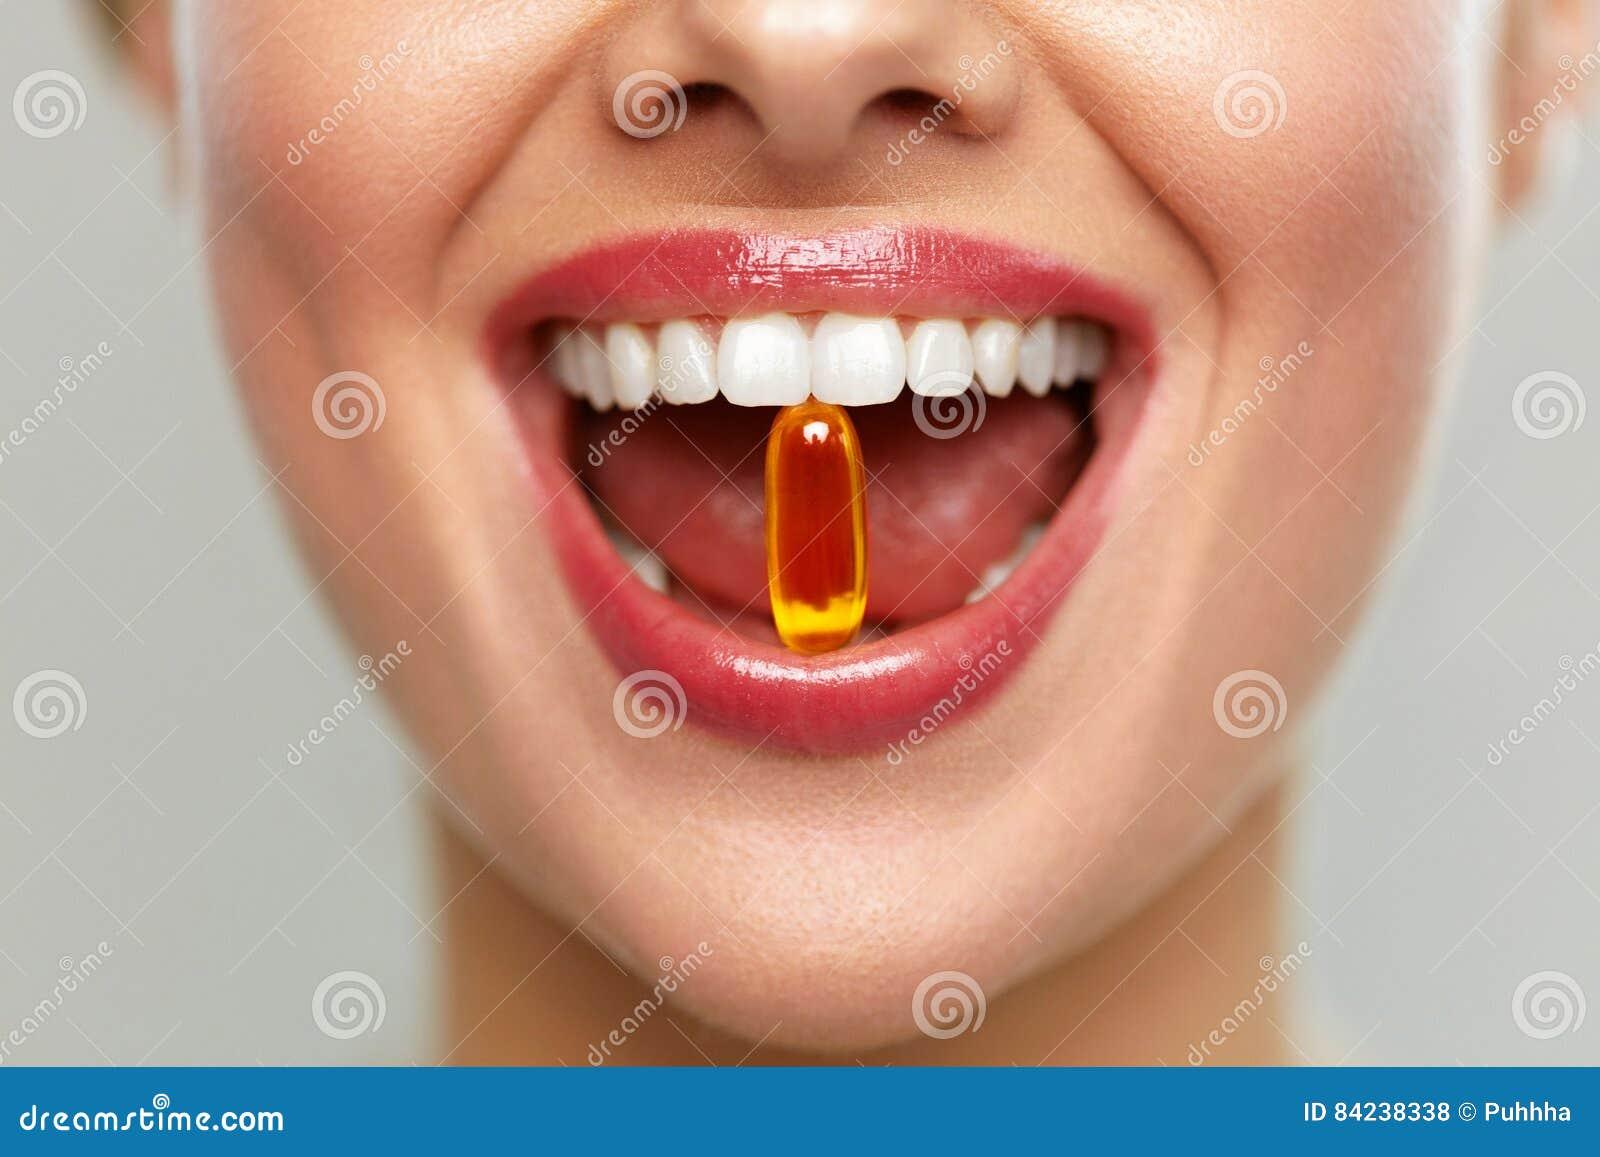 Schönheits-Mund mit Pille in den Zähnen Mädchen, das Vitamine nimmt